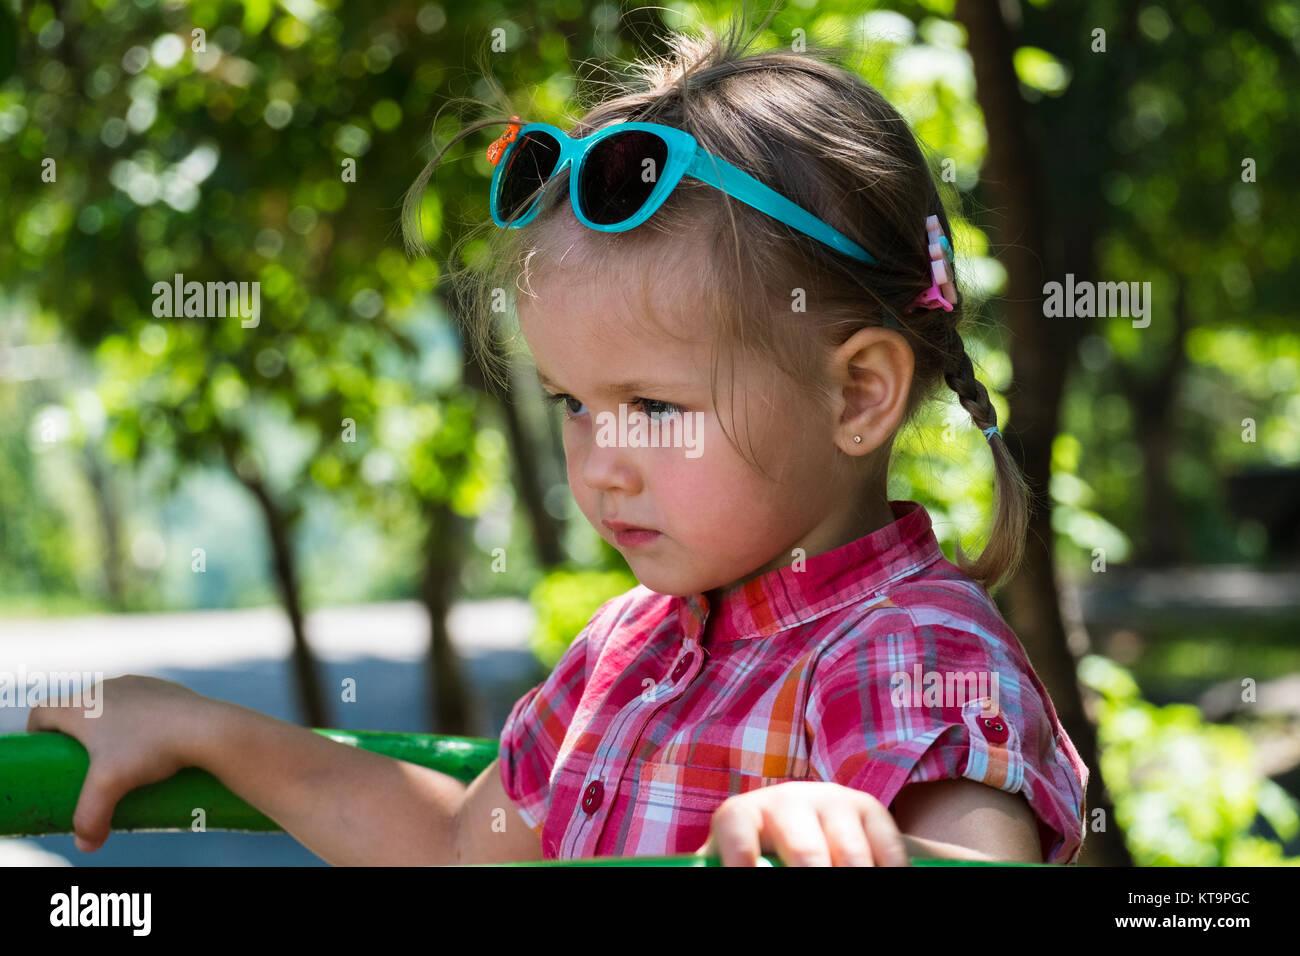 Petite fille avec des lunettes de soleil sur sa tête se trouve dans un demi- eb5f02903684